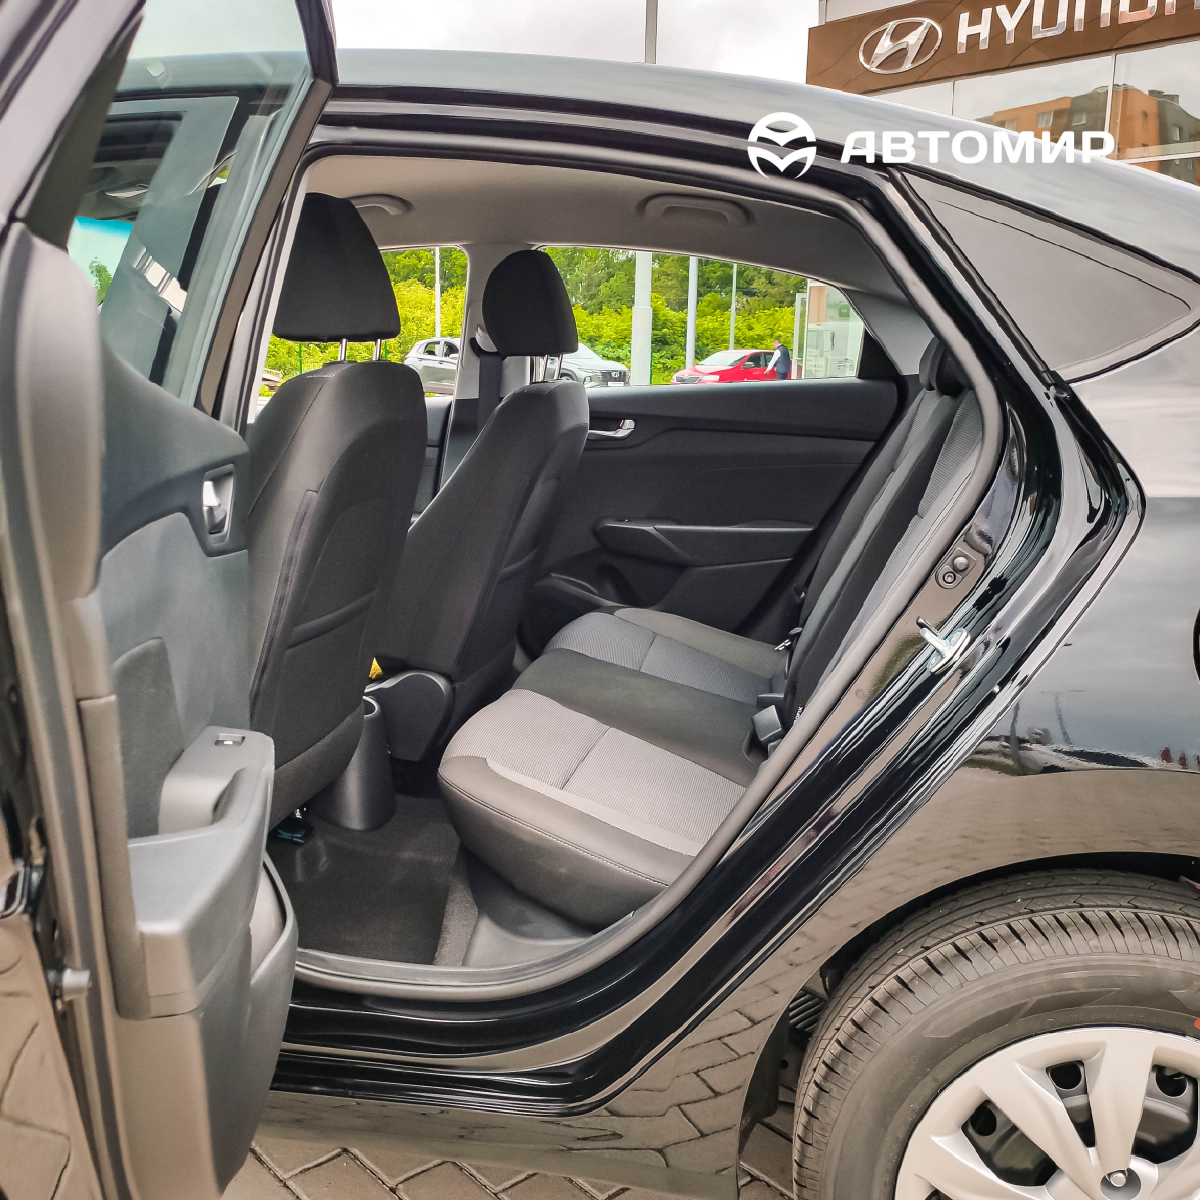 Hyundai стильний Accent вже в автосалоні!   Хюндай Мотор Україна - фото 13